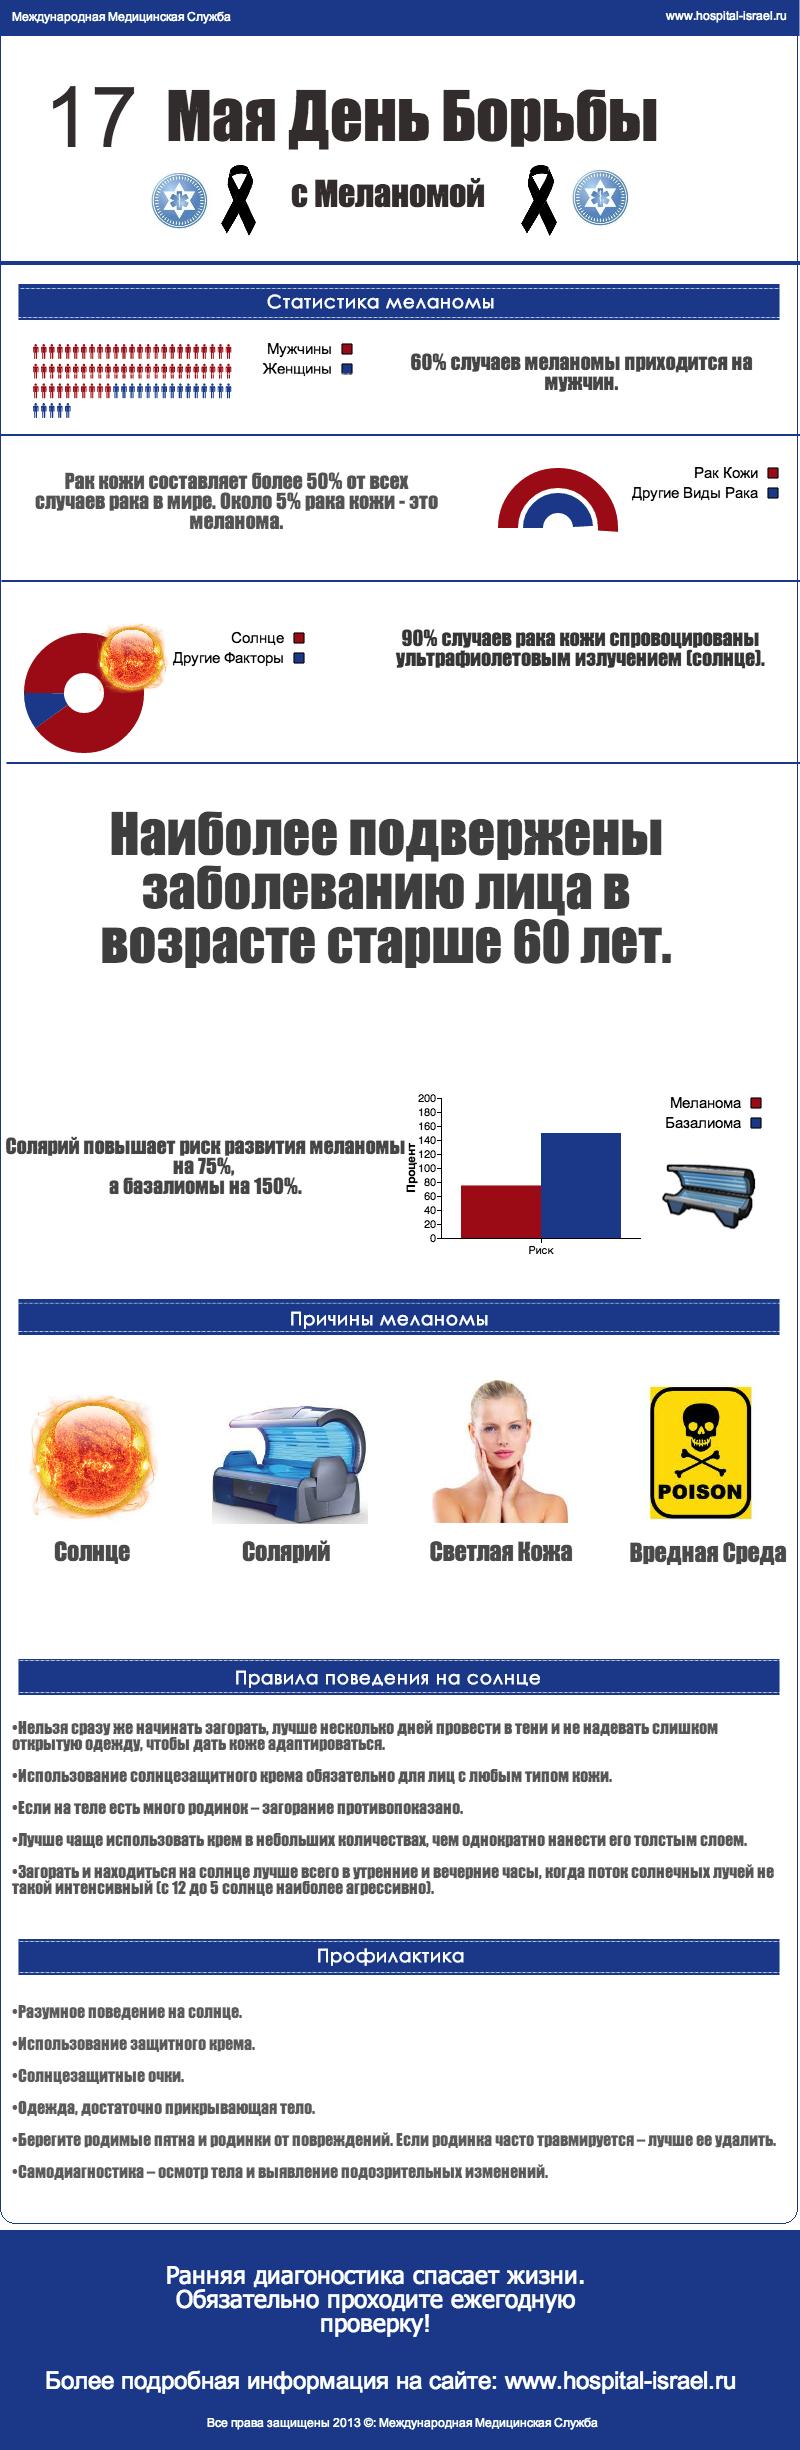 http://hospital-israel.ru/vsemirnyj-den-borby-s-melanomoj-17-maya-2013/